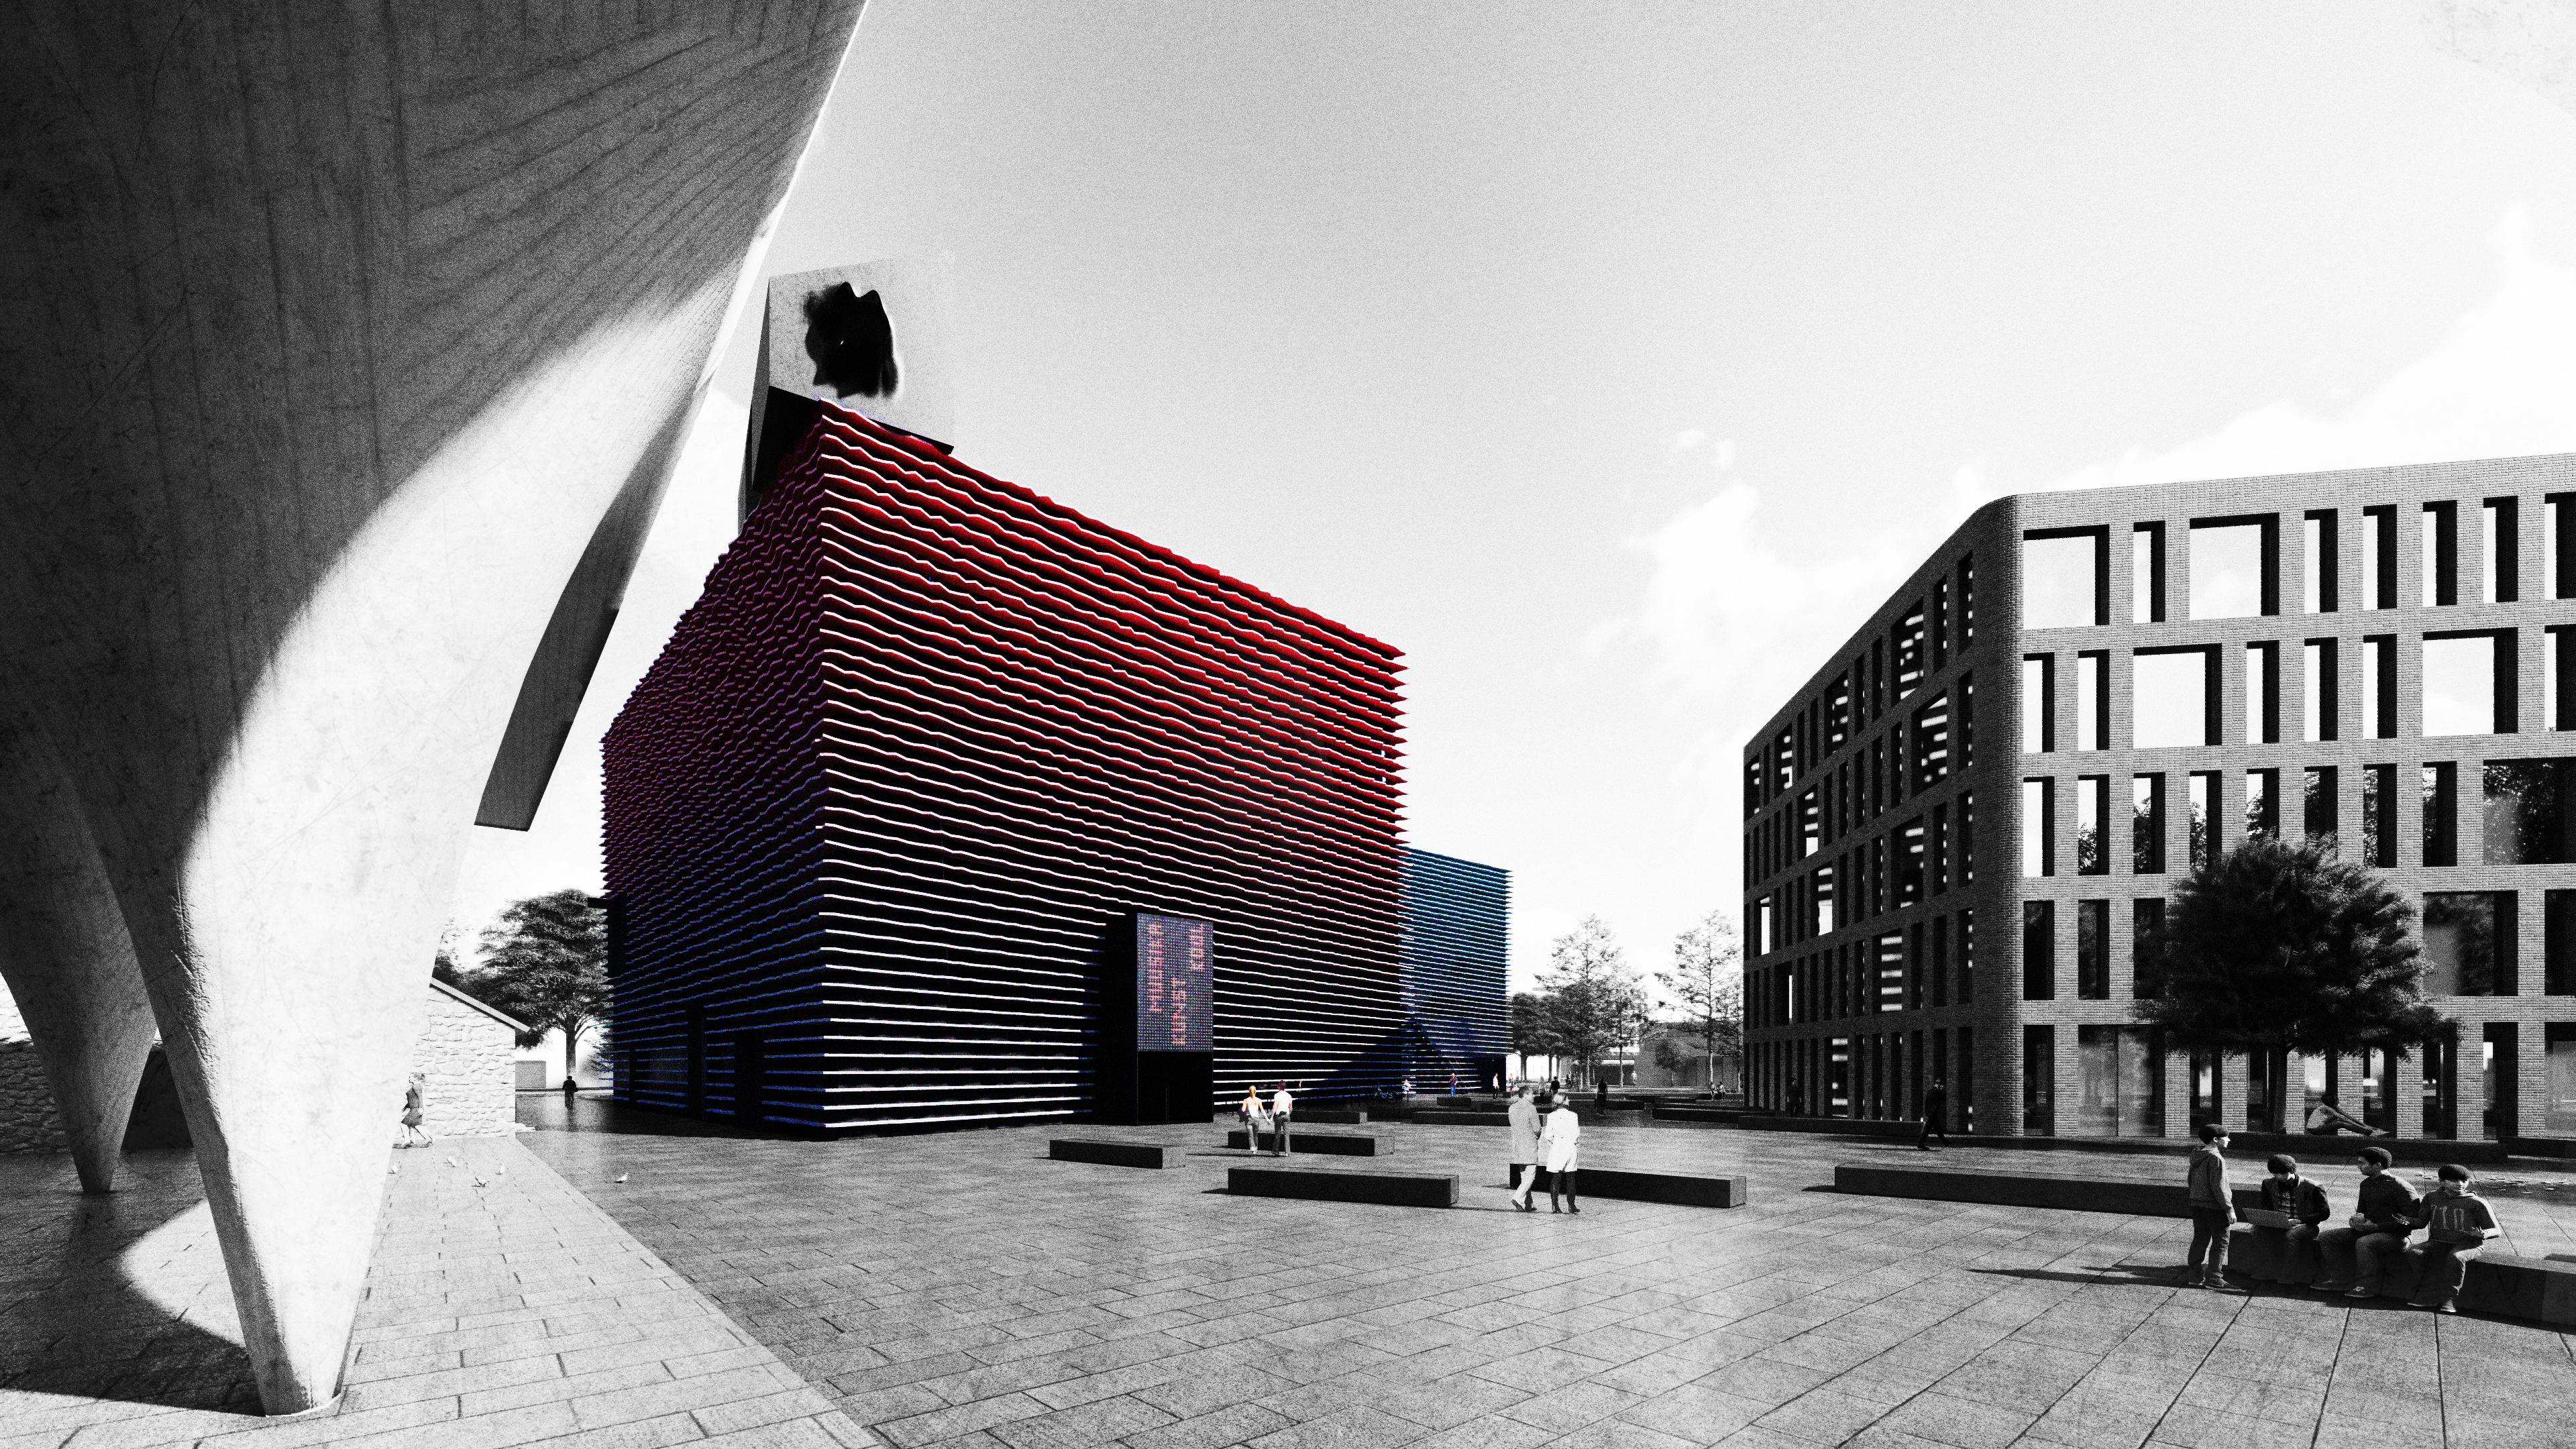 2019 Pärnu Art Museum